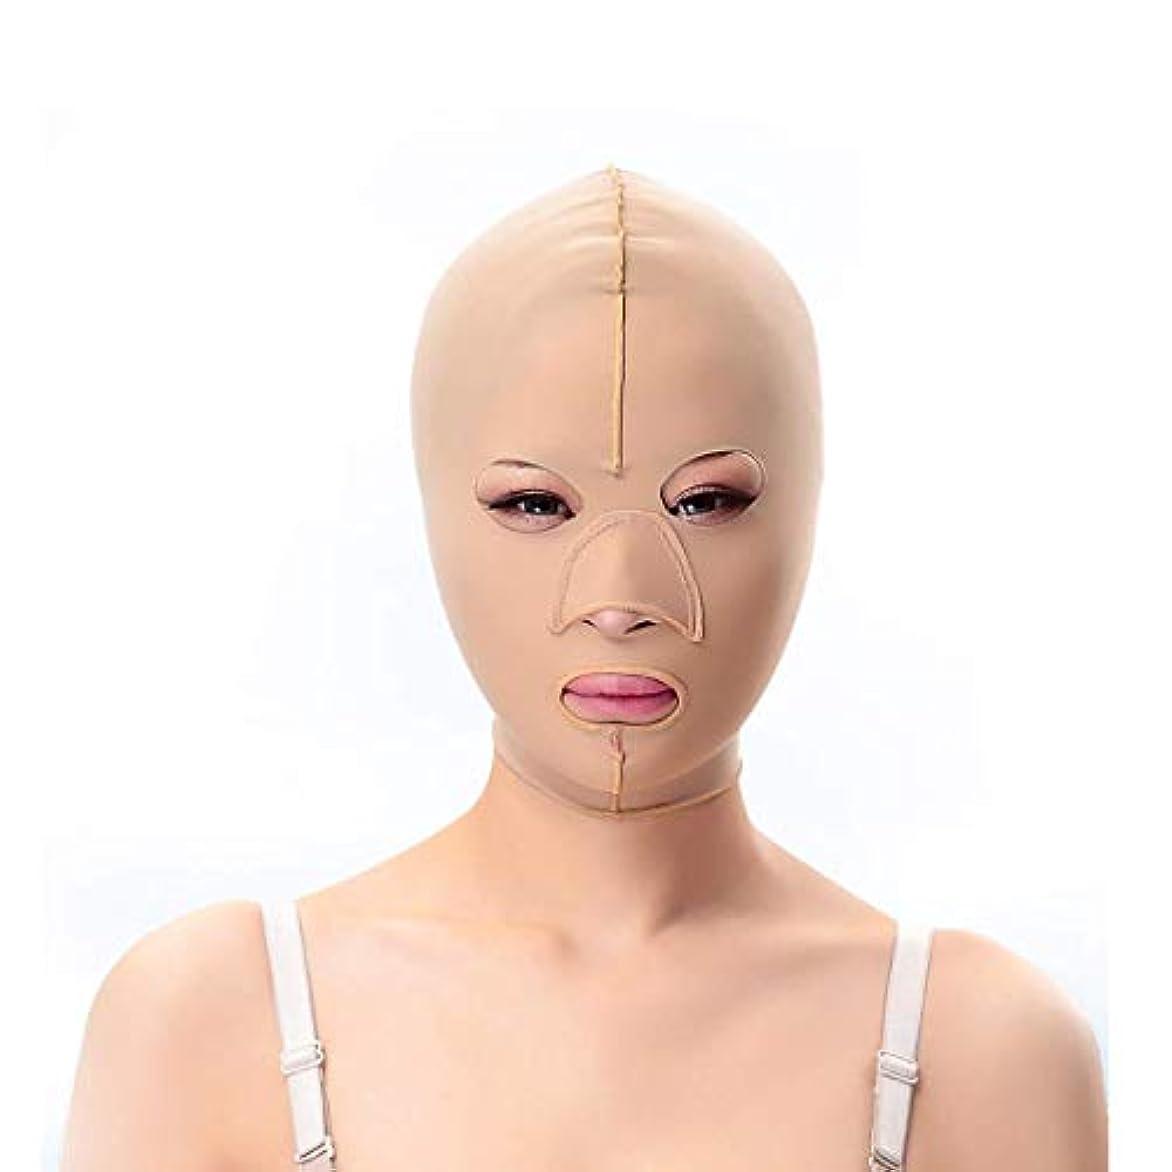 わかる挨拶タイマースリミングベルト、フェイシャルマスク薄いフェイスマスク布布パターンリフティングダブルあご引き締めフェイシャルプラスチック顔アーティファクト強力な顔包帯(サイズ:M)